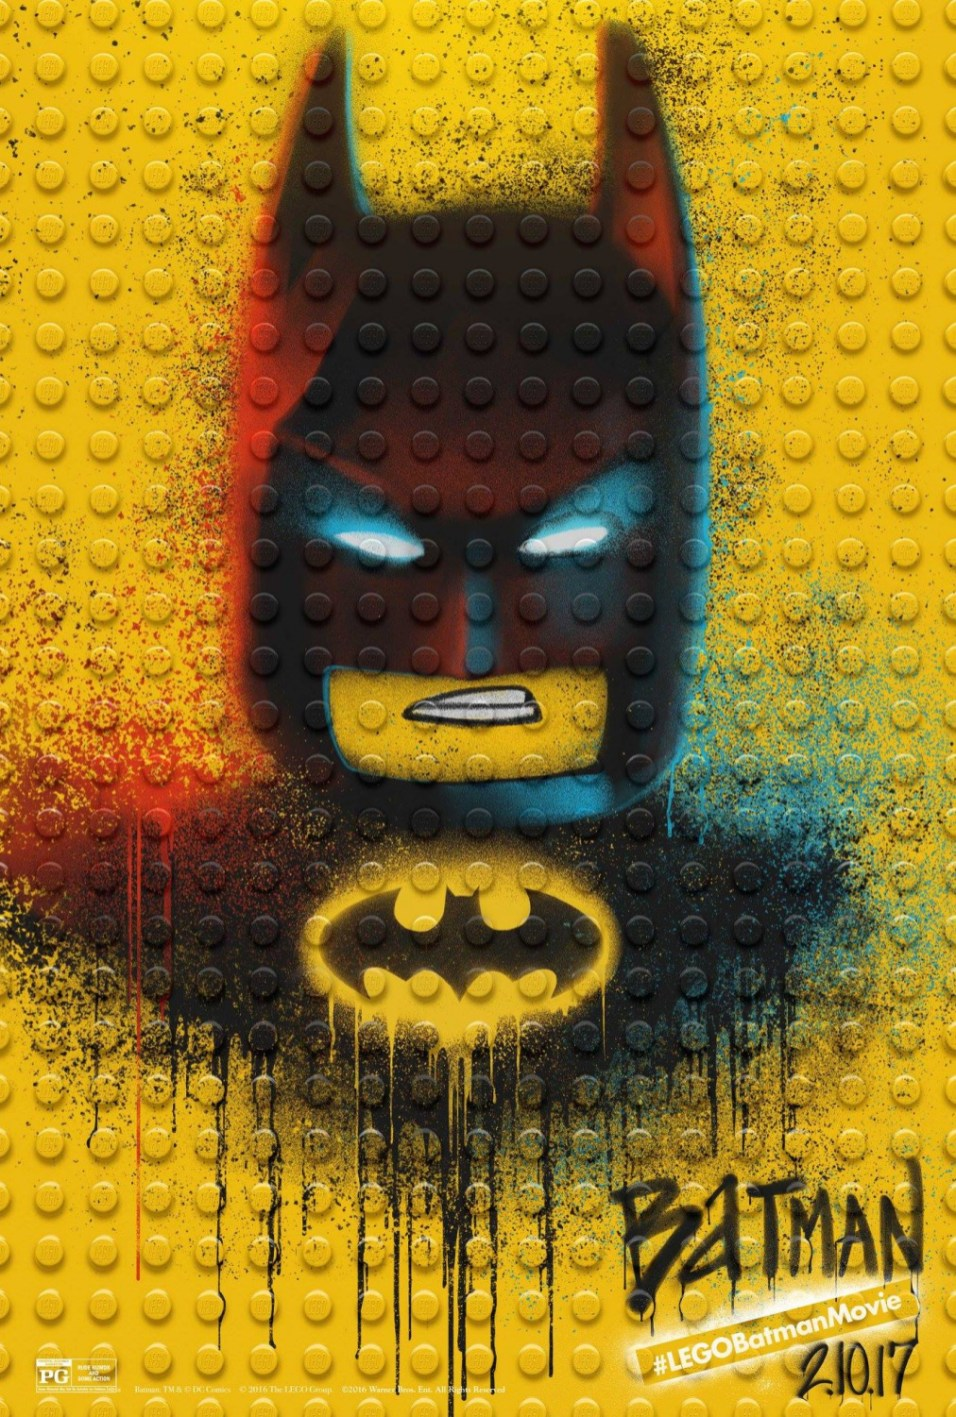 Hej, endelig en DC film som jeg glæder mig til... vent, det er ikke en DC film? Carry on then